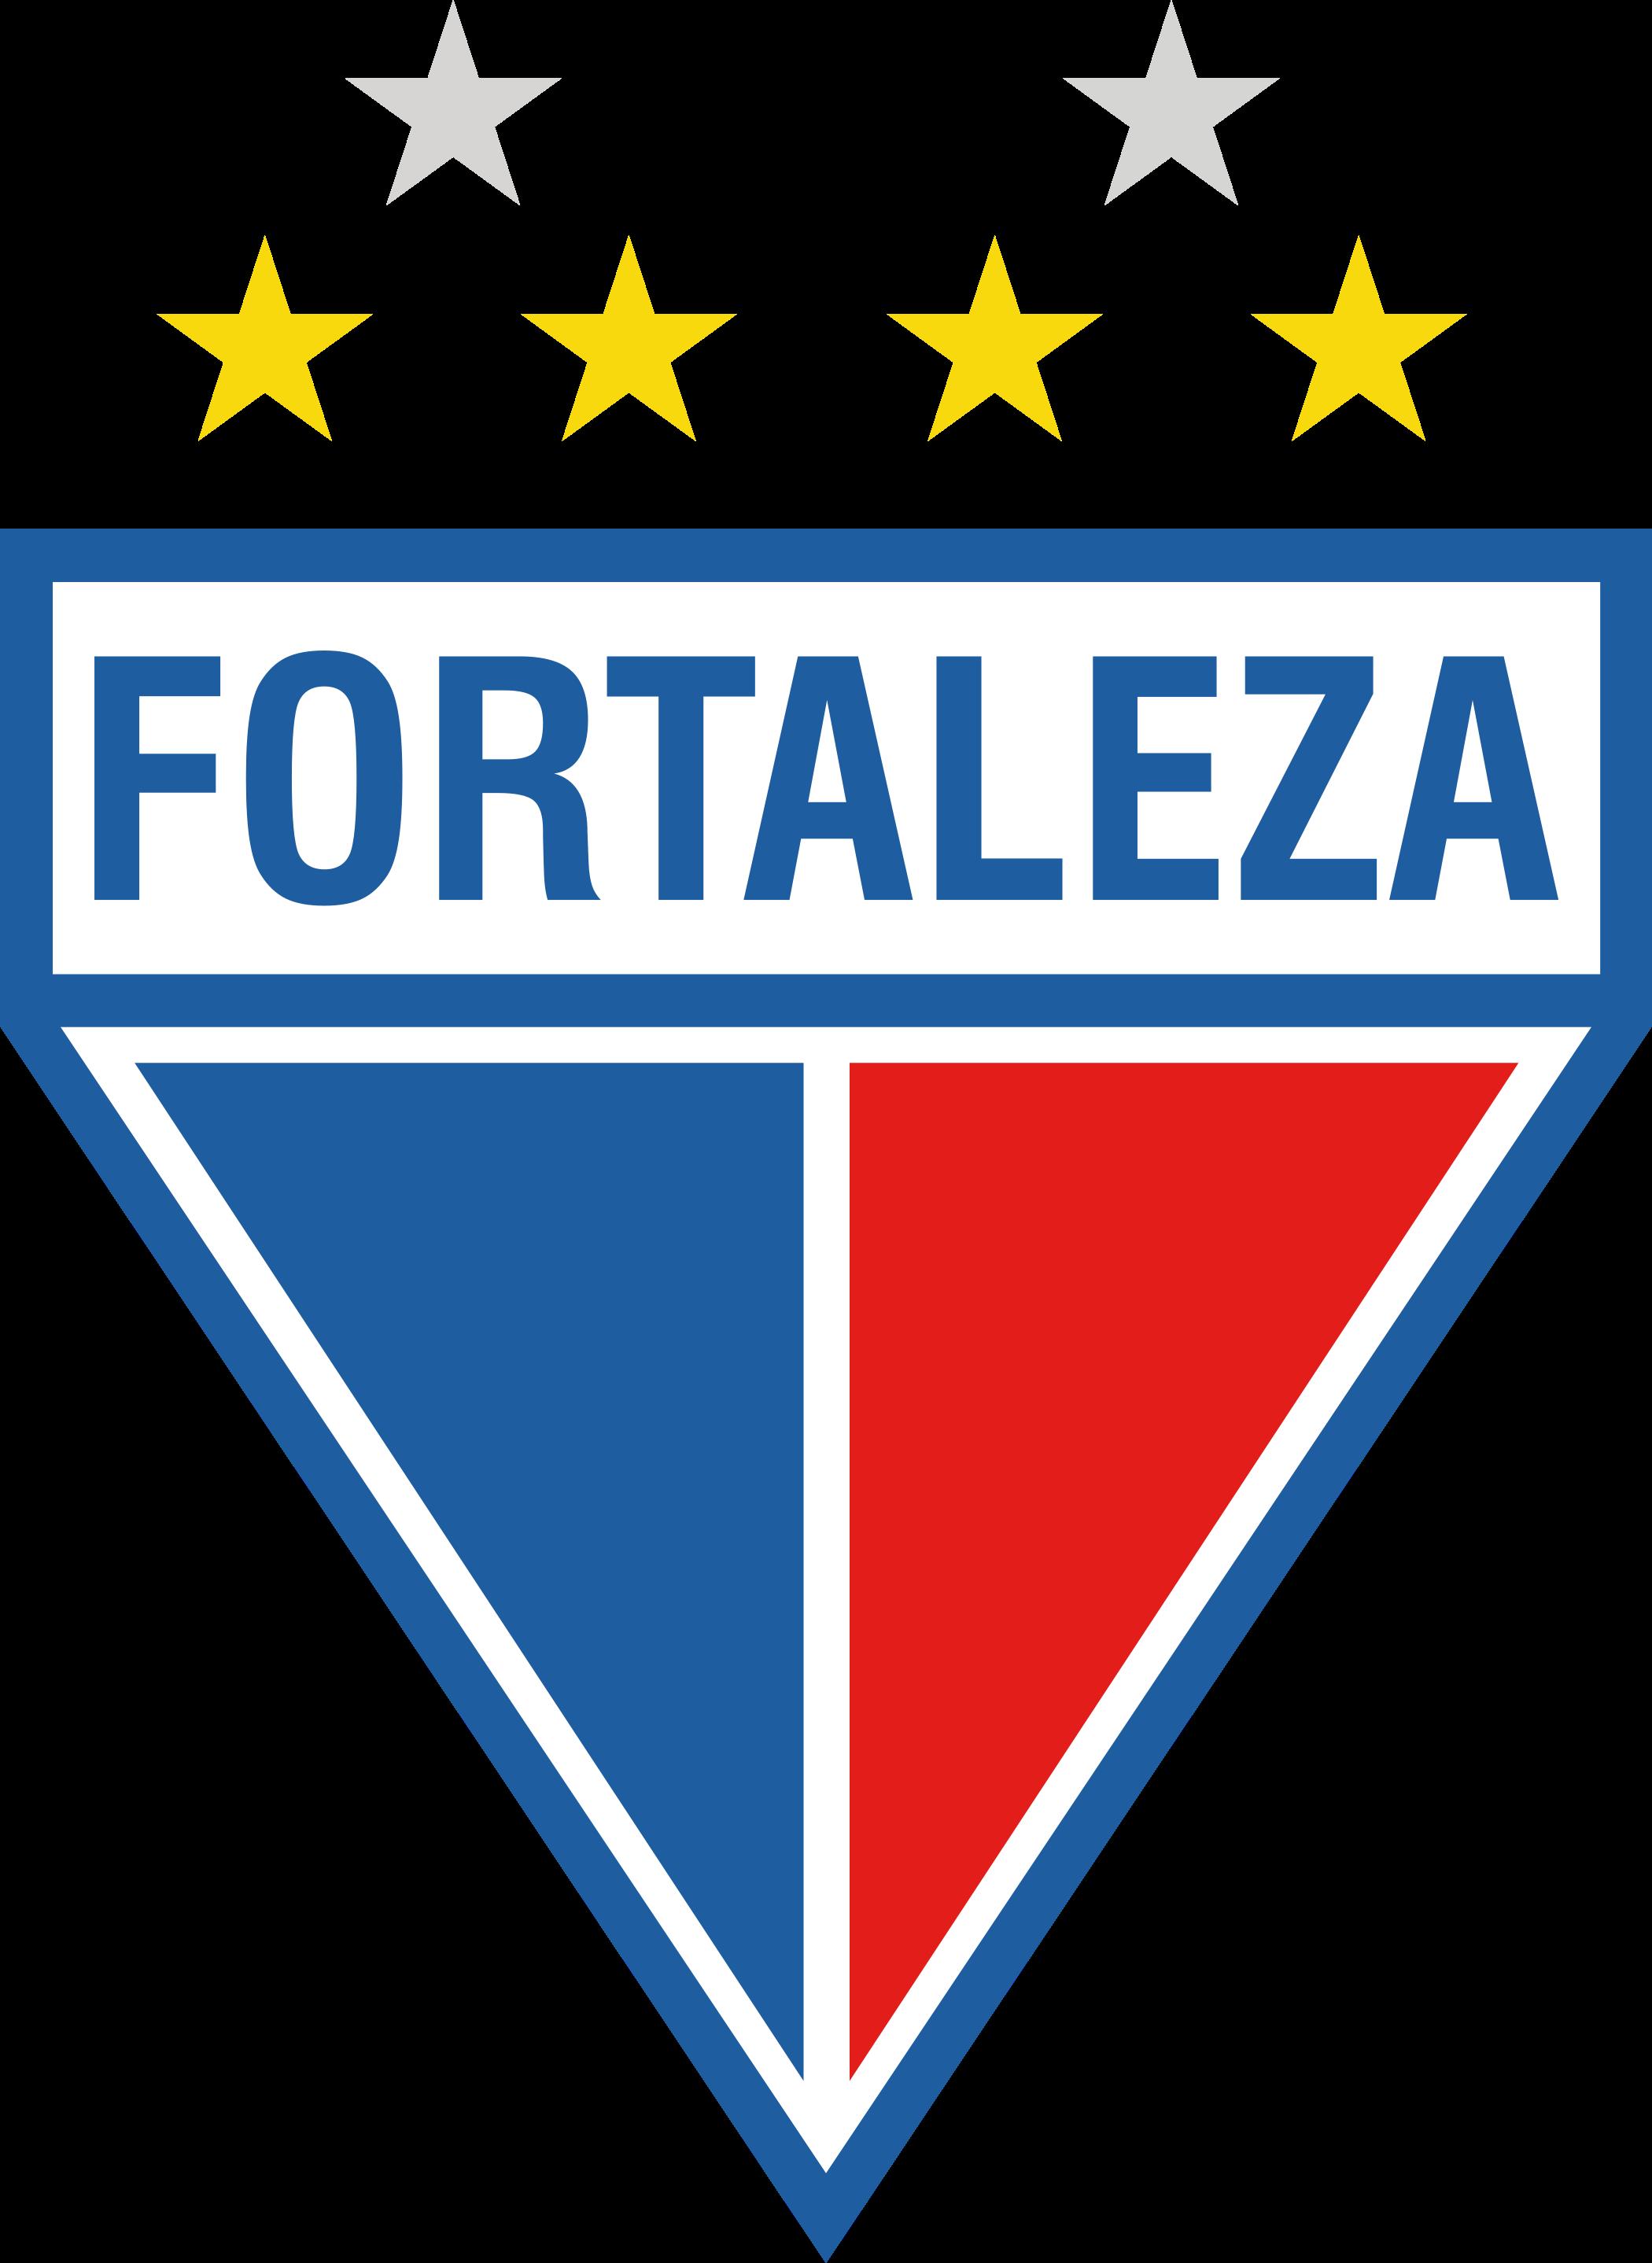 fortaleza ec logo escudo 1 - Fortaleza EC Logo